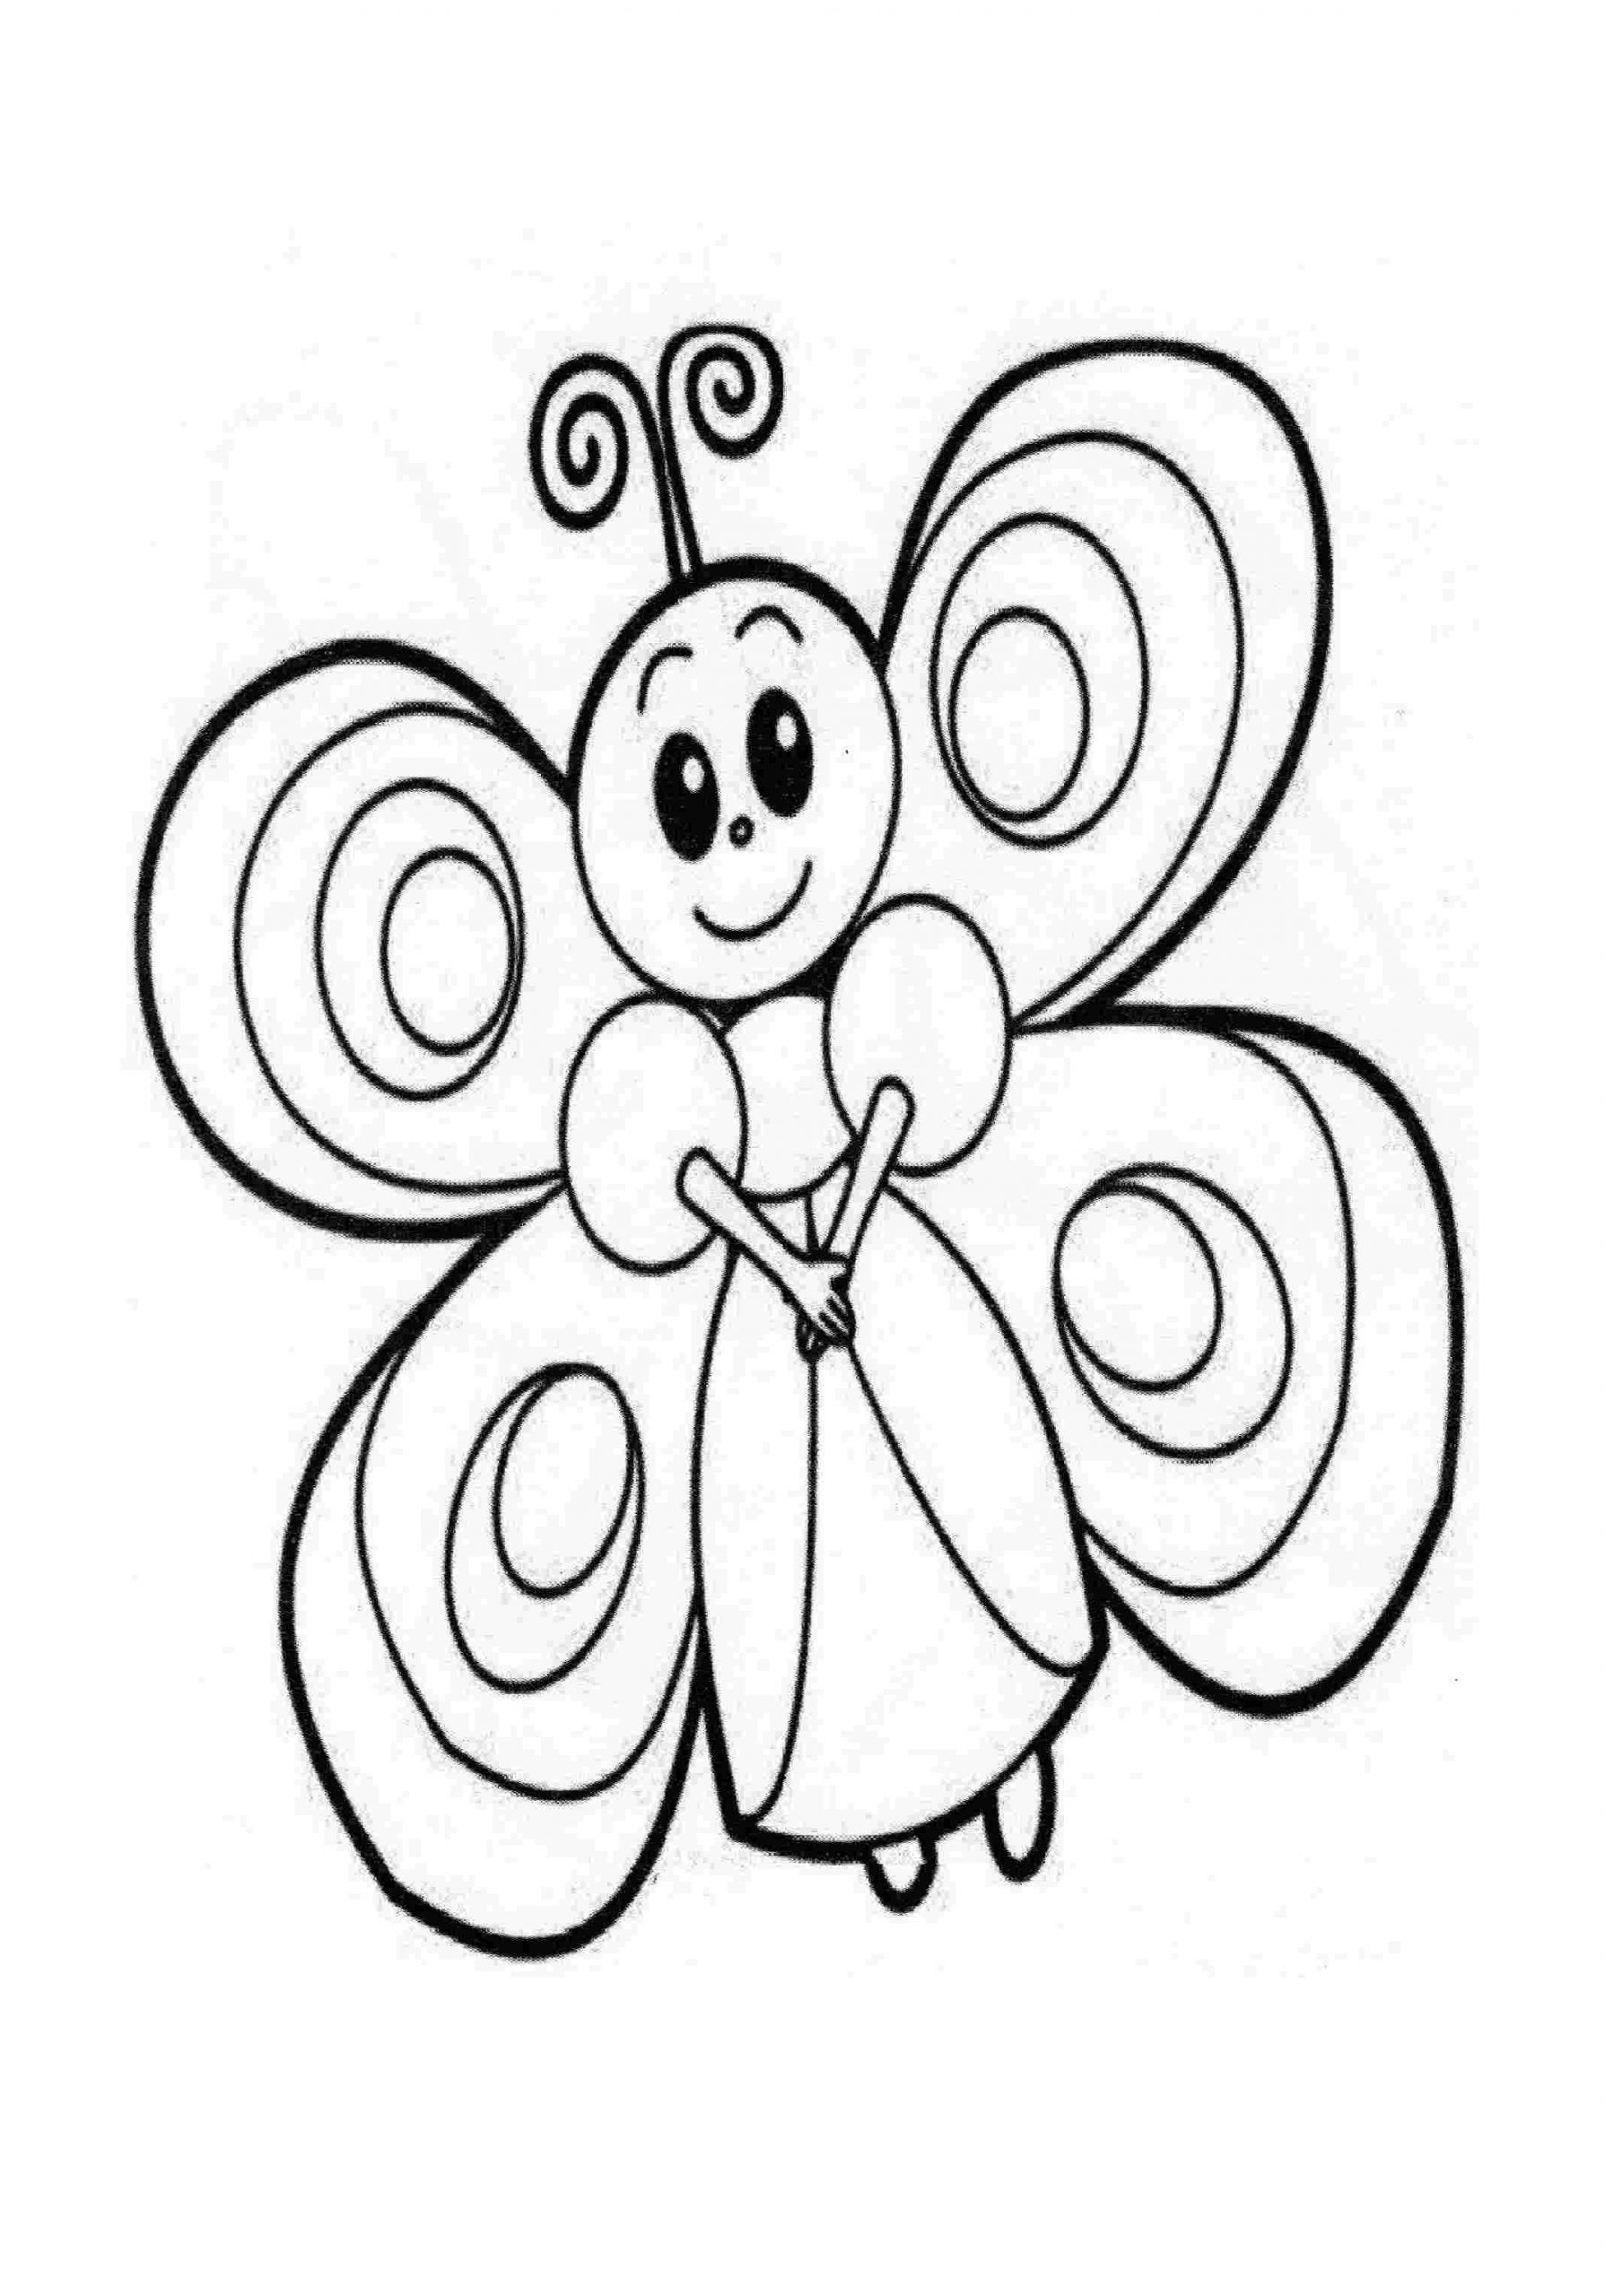 Butterfly Flower Coloring Page Youngandtae Com Malvorlagen Fruhling Malvorlagen Vorlagen [ 2560 x 1789 Pixel ]